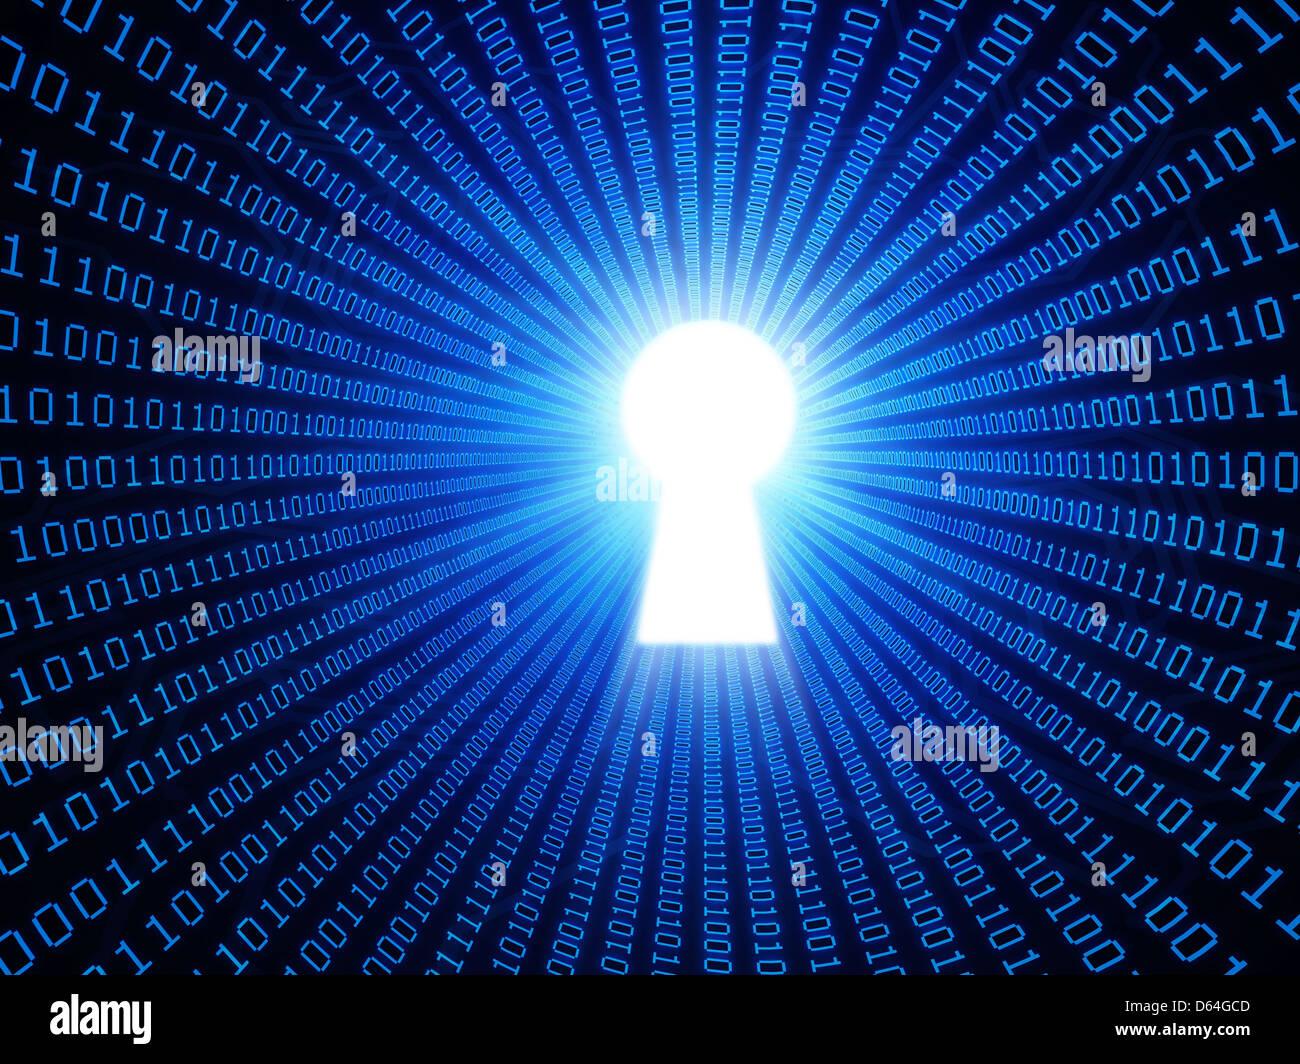 La sicurezza dei dati, opere d'arte concettuale Immagini Stock